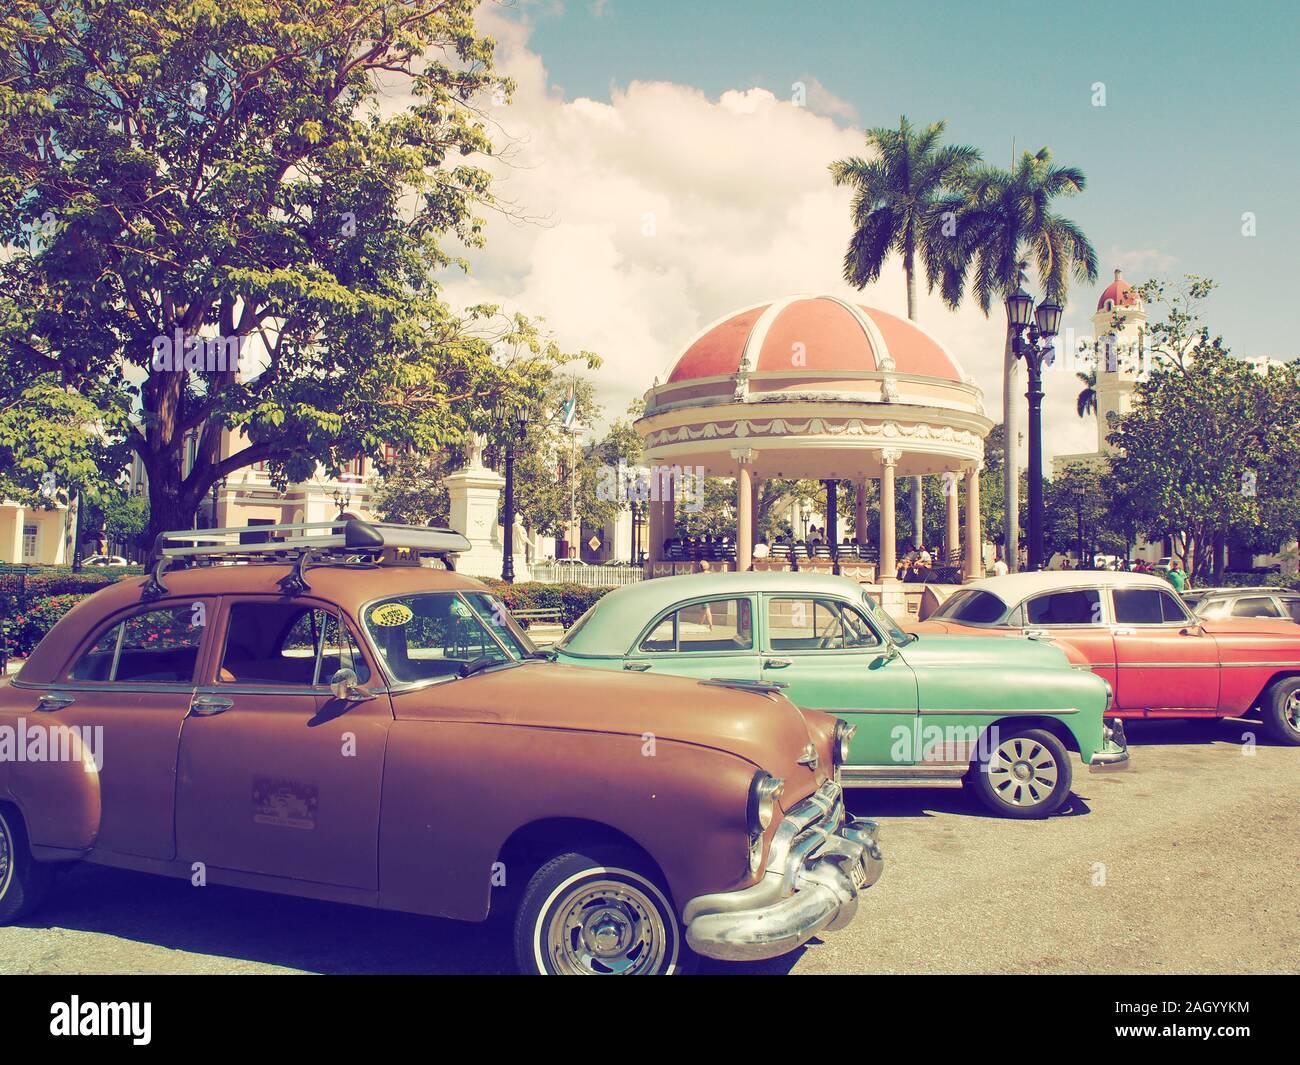 Oldtimer e automobili classiche nei Caraibi Foto Stock